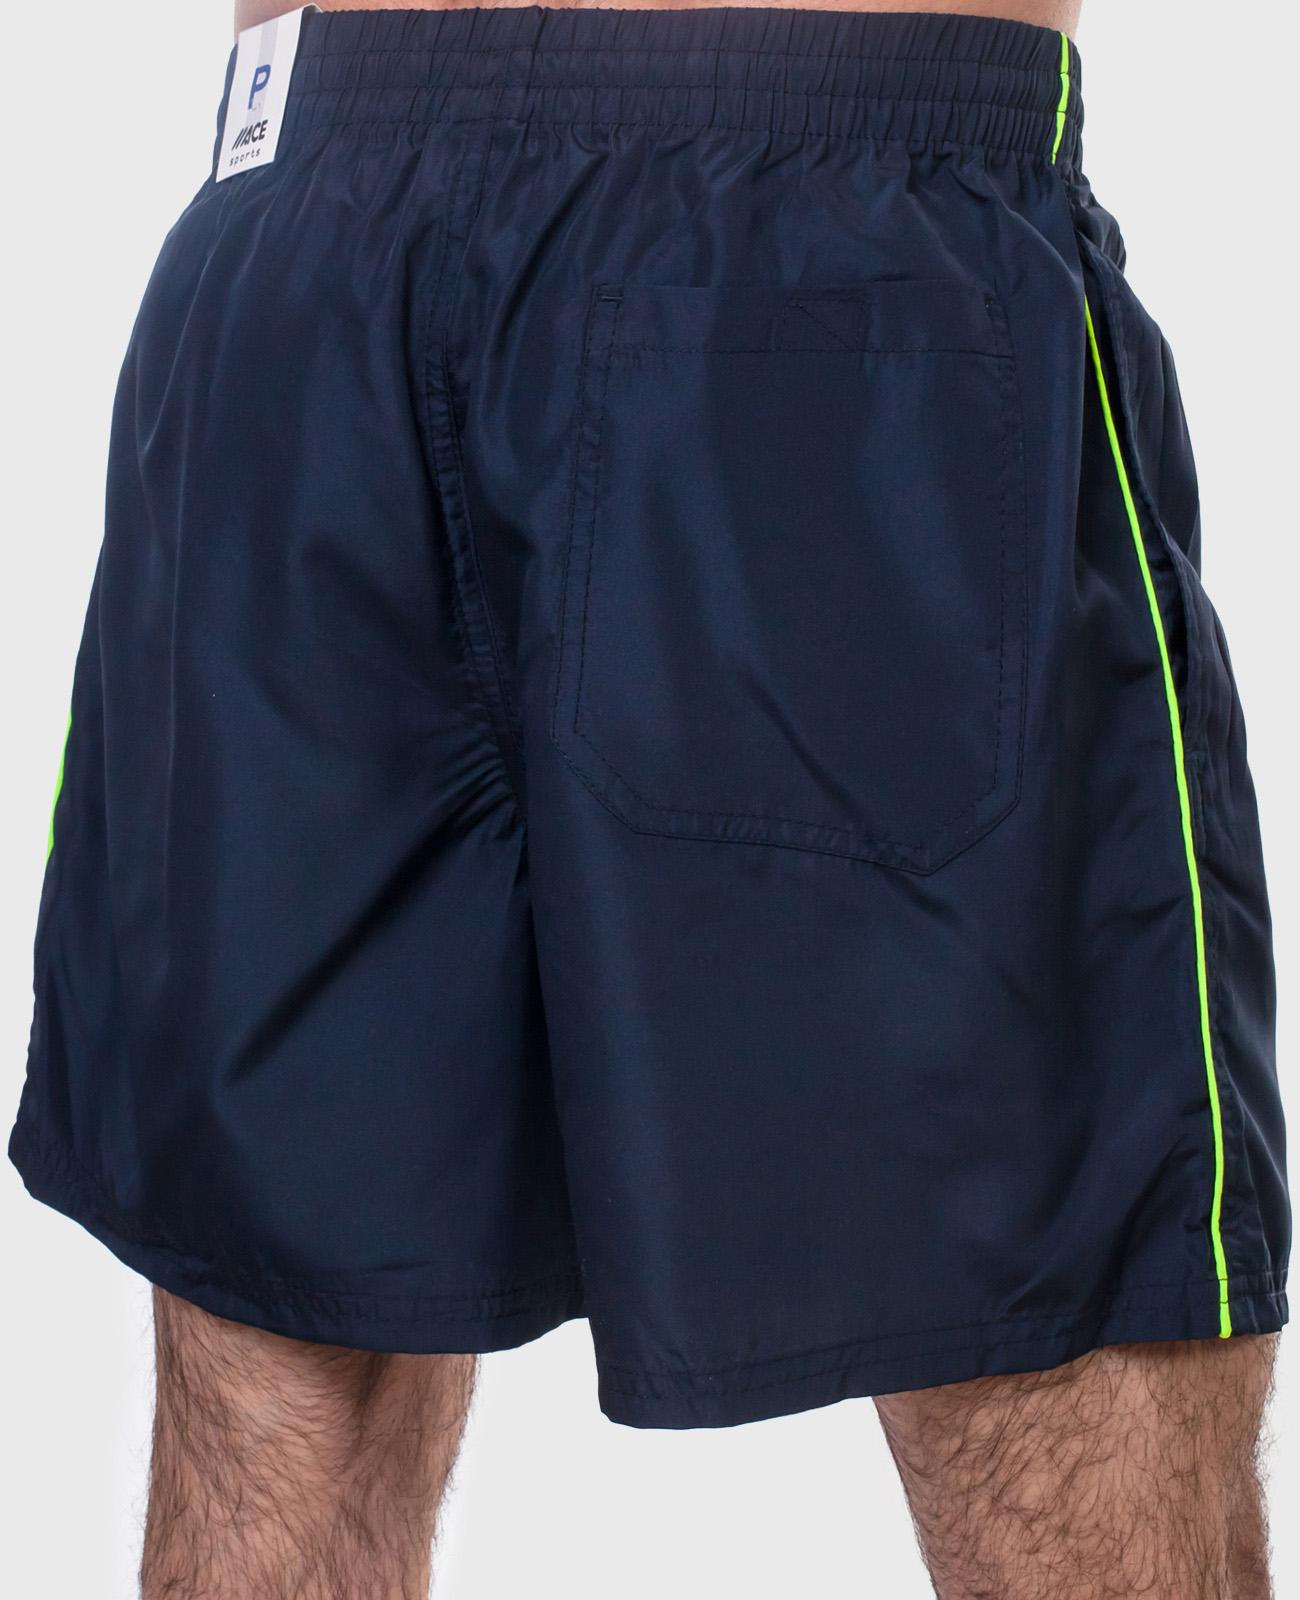 Мужские удобные шорты на резинке